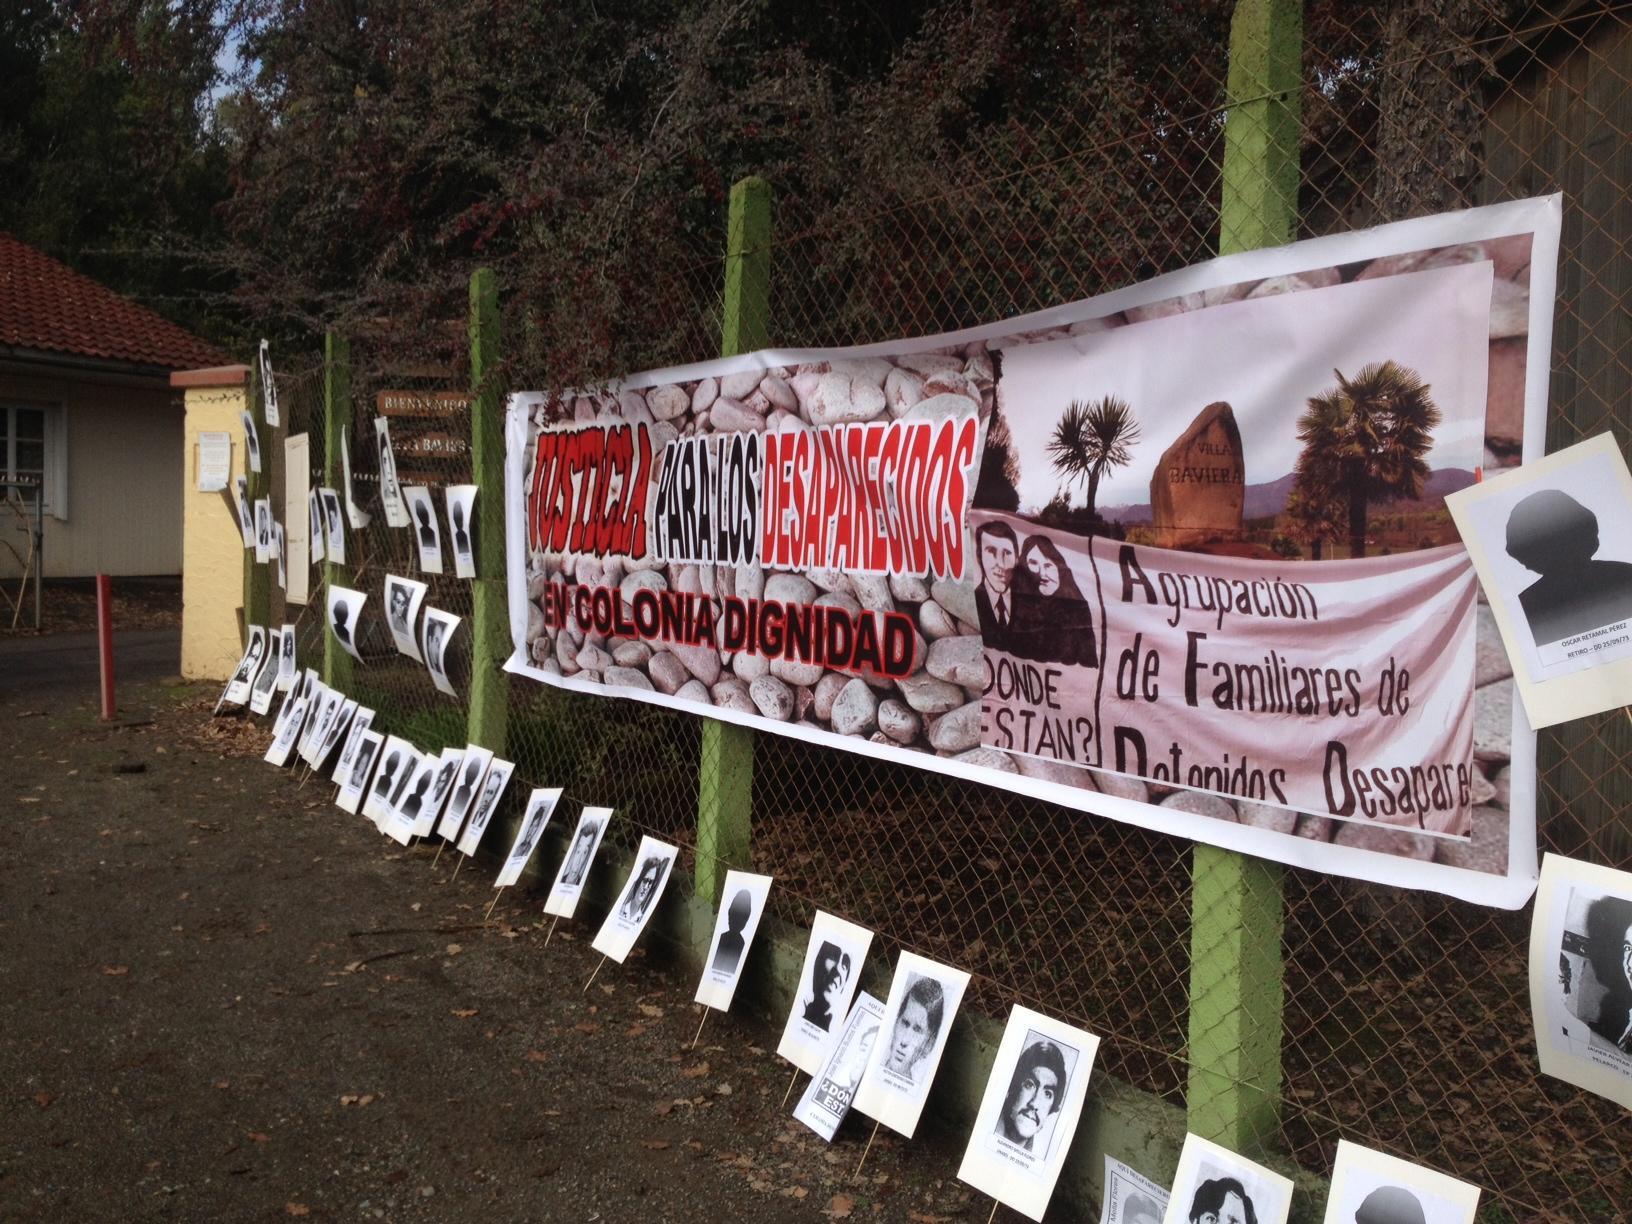 Familiares de detenidos desaparecidos protestaron nuevamente en Colonia Dignidad